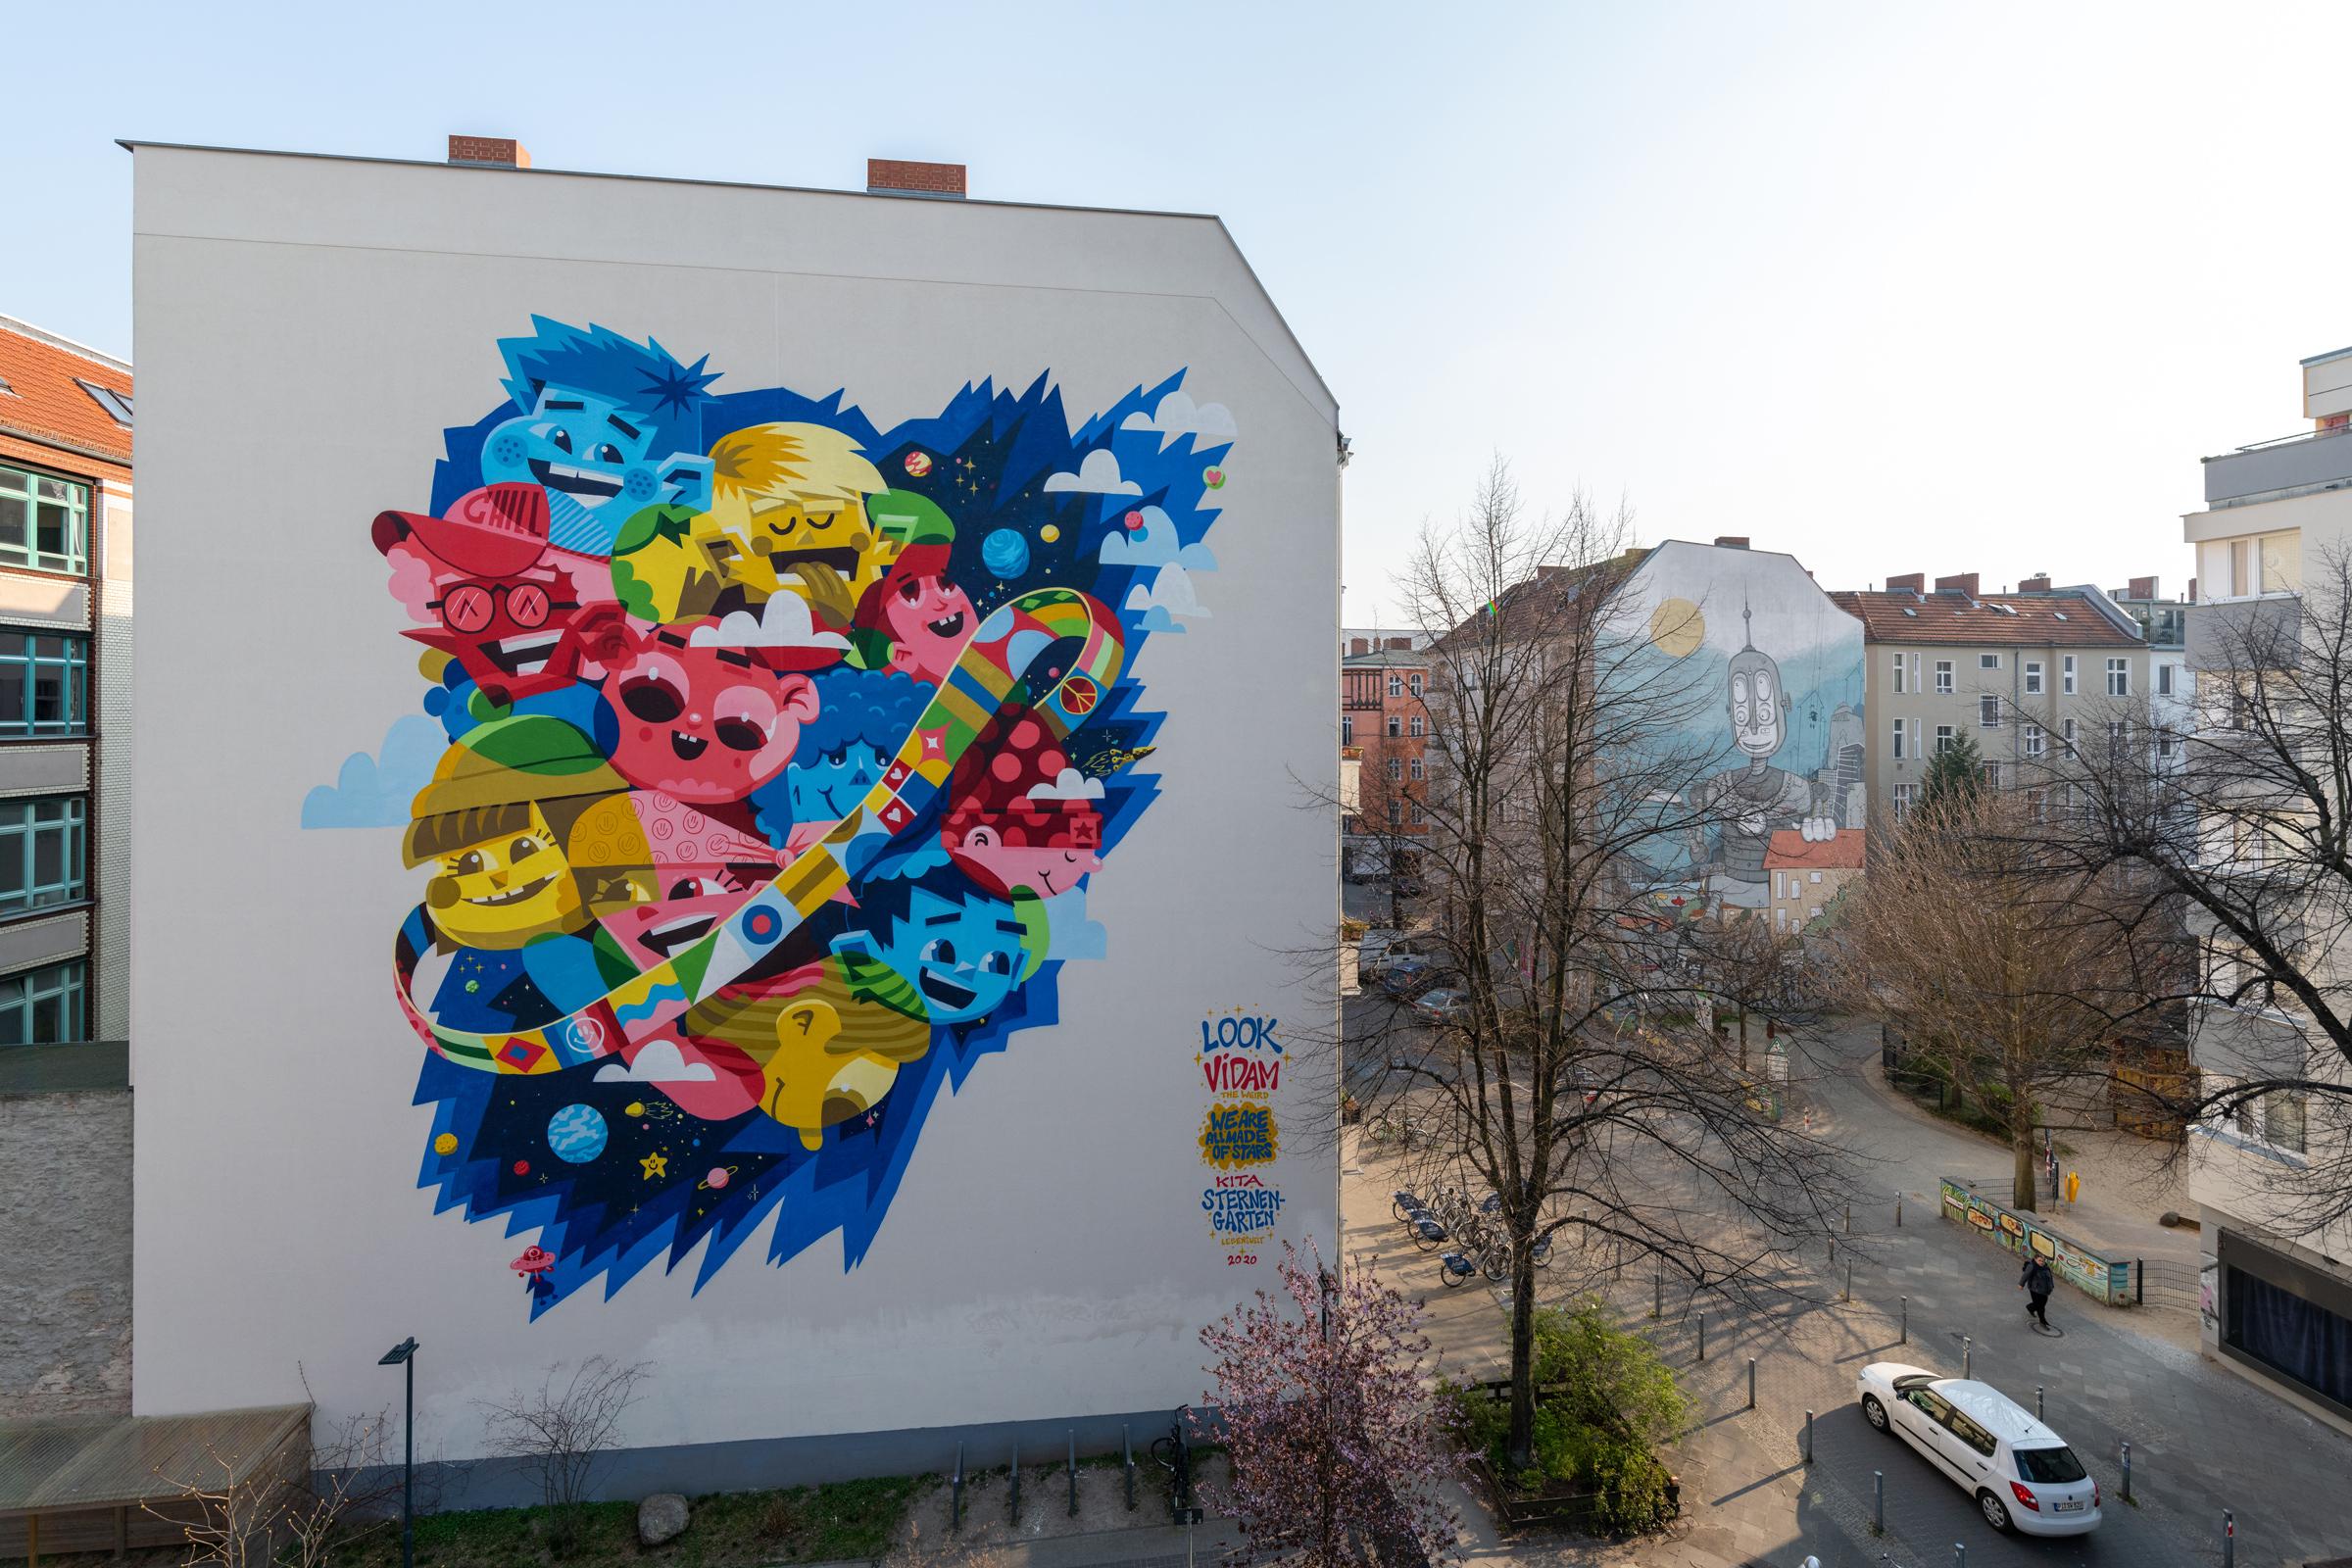 Vidam & Look Mural